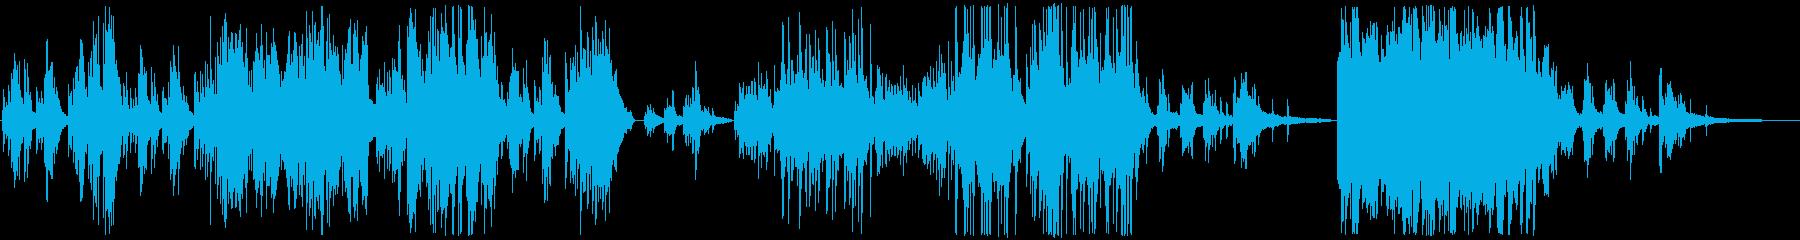 ピアノソロ作品です。の再生済みの波形